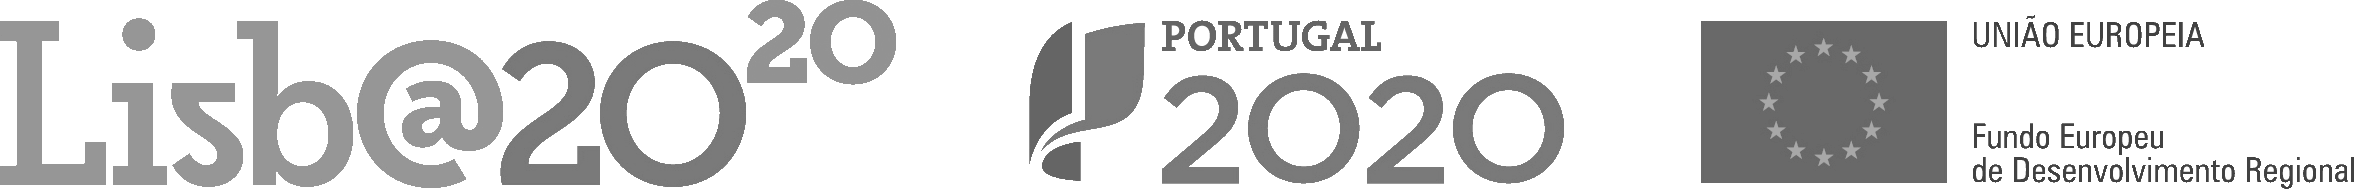 Portugal 2020 - A Tarte